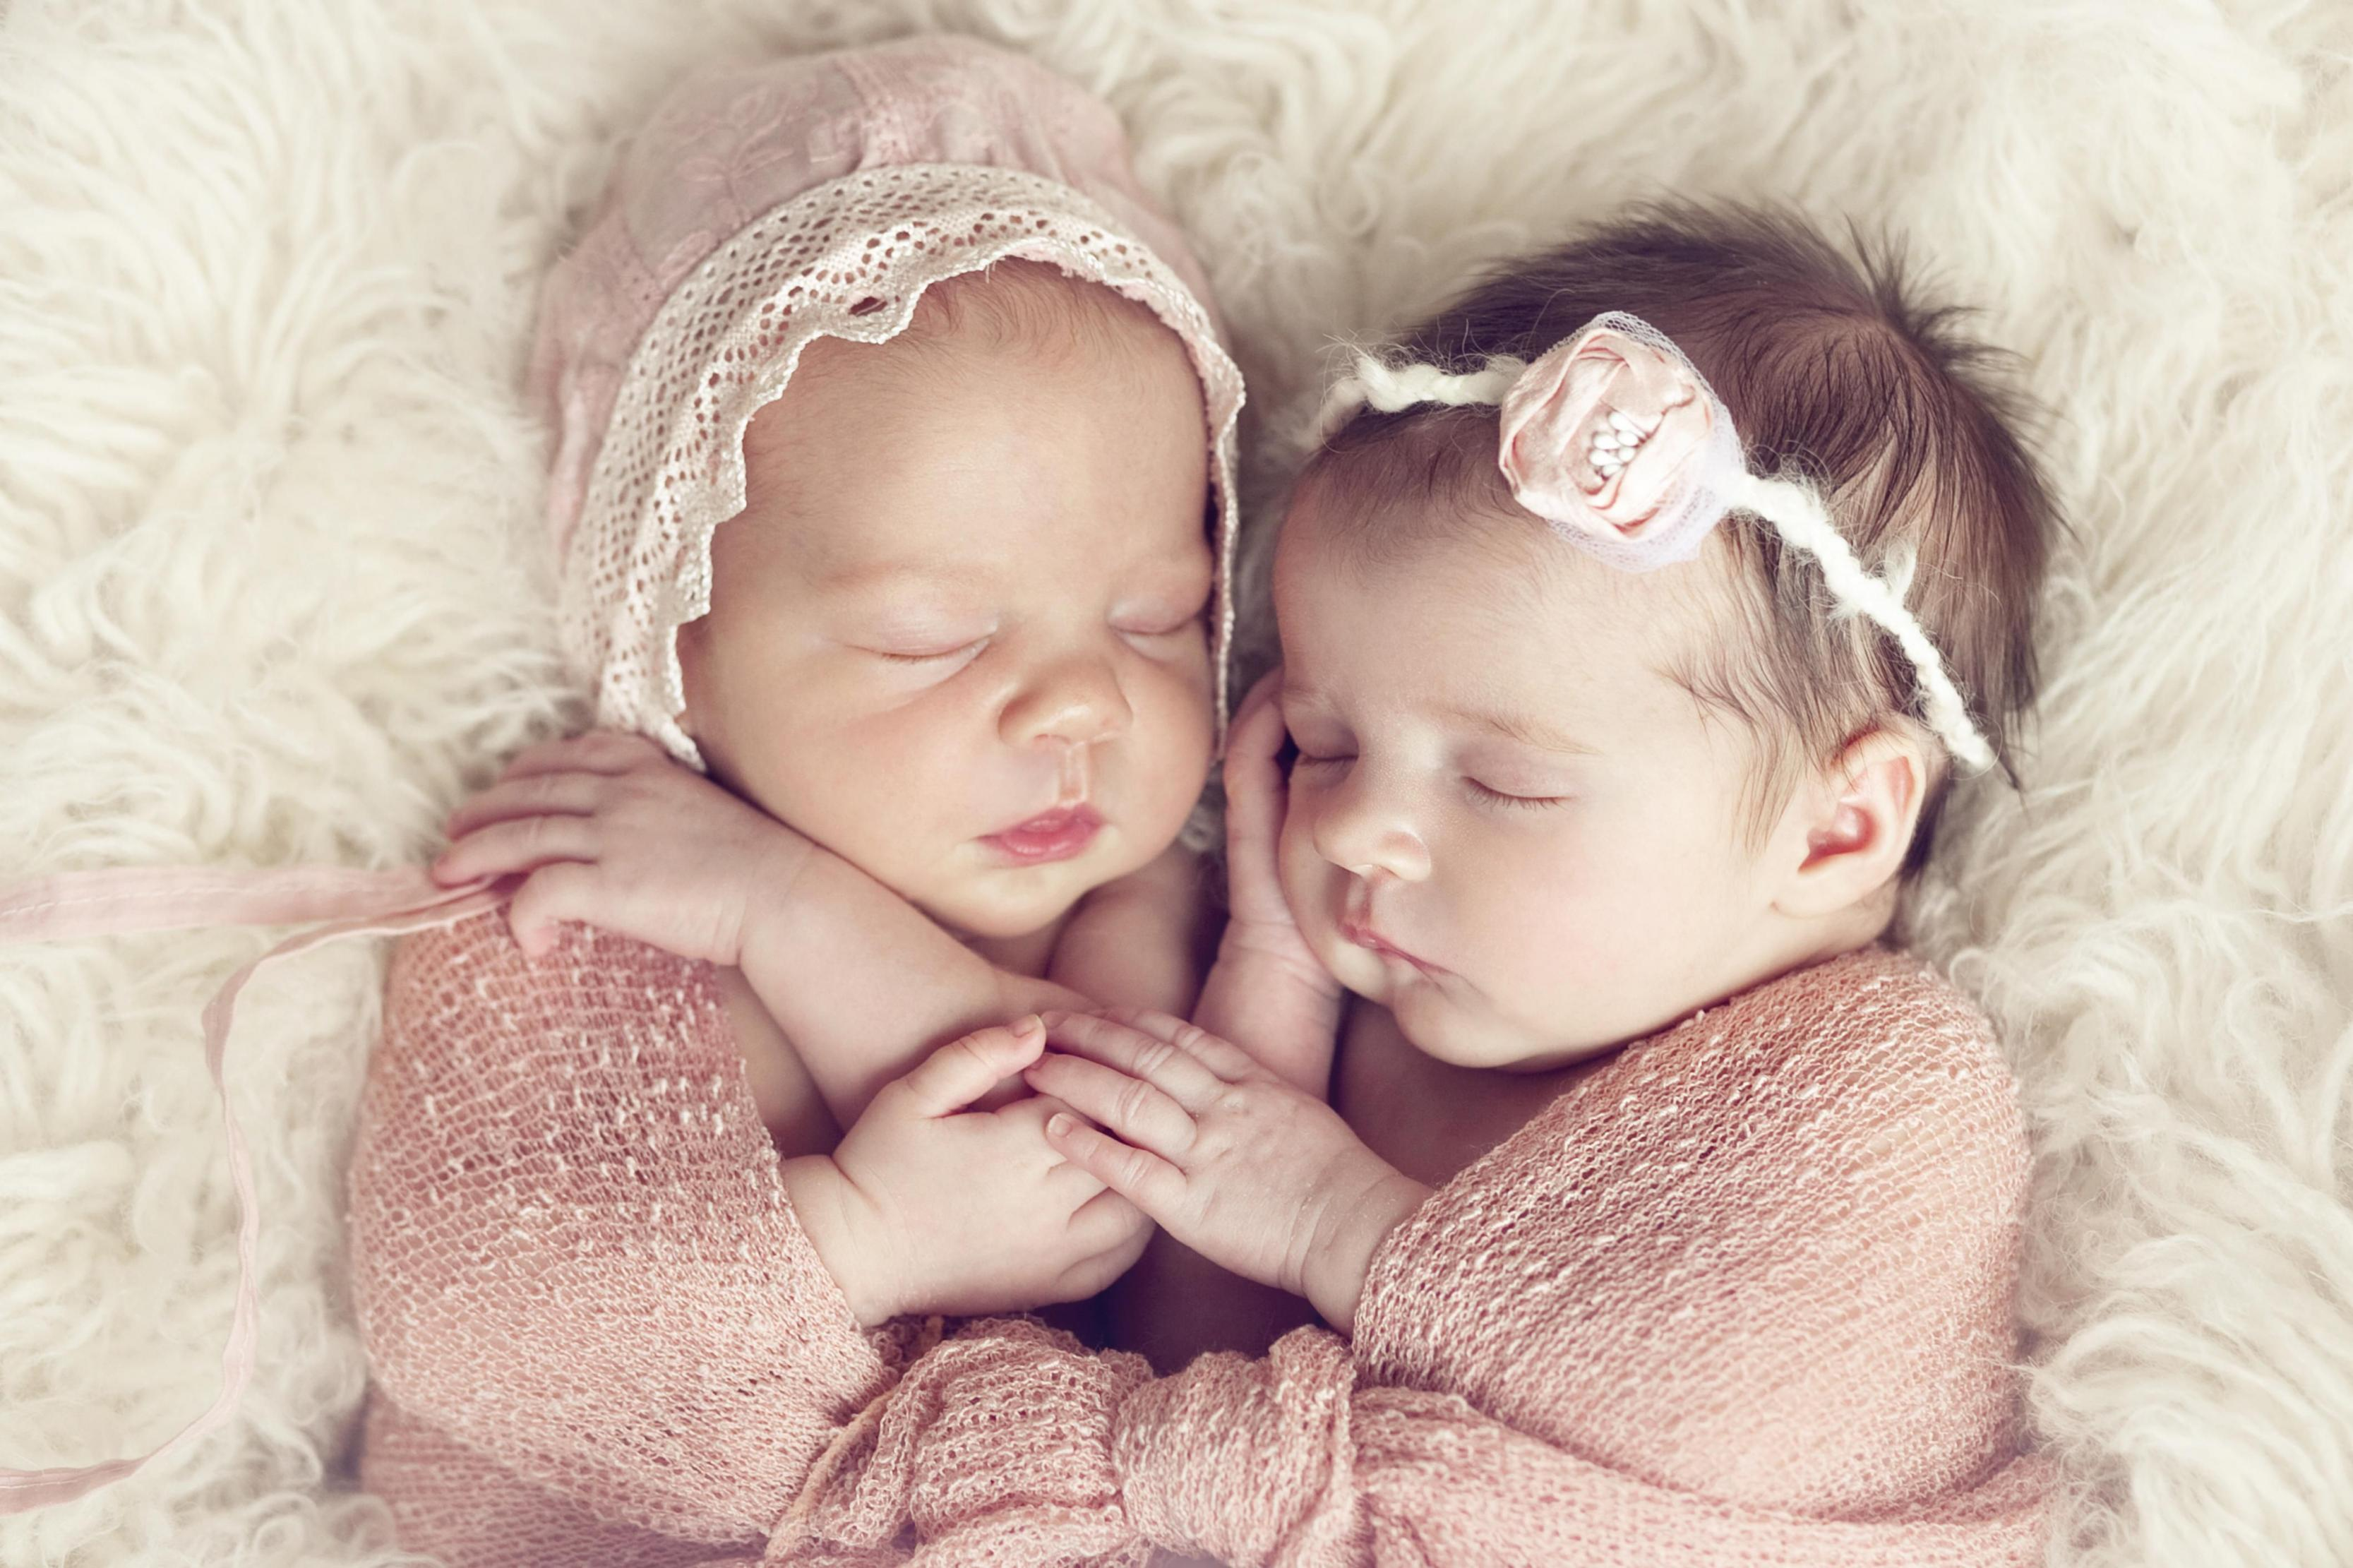 بالصور اجمل بنات اطفال , لمسات تلمس القلب من ابتسامه صغيره من طفله 1256 8